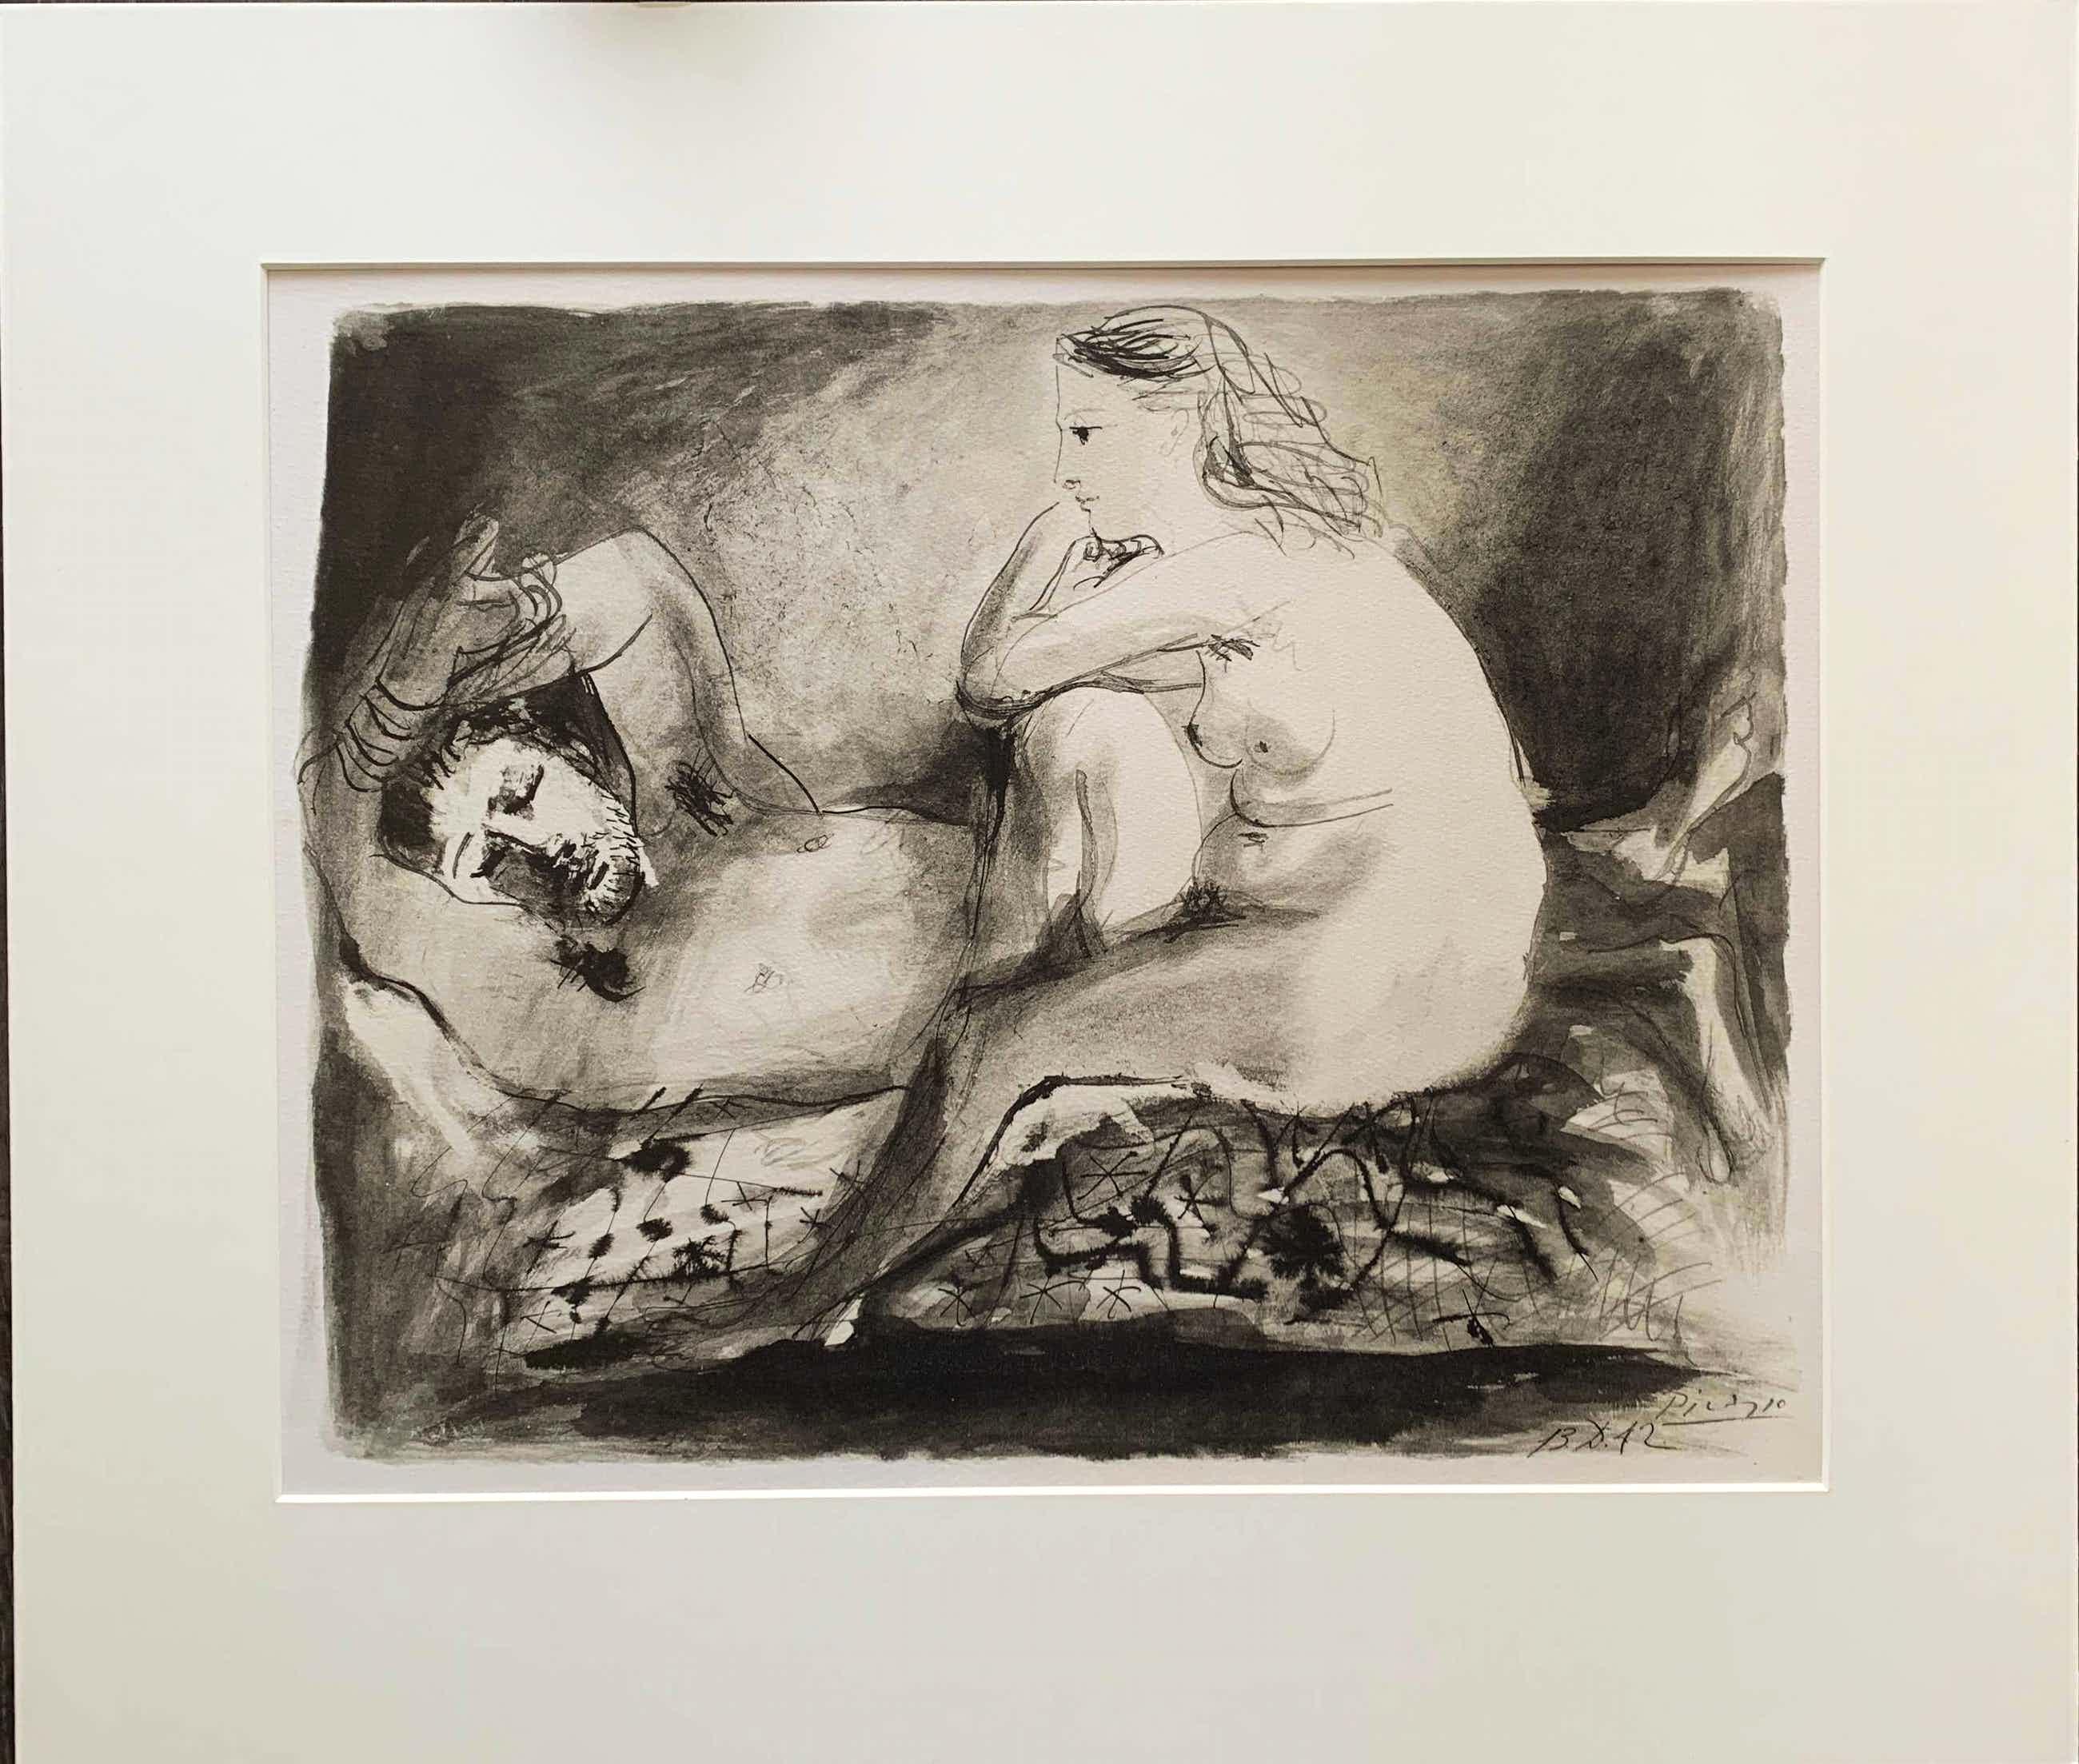 Pablo Picasso - Le dormeur (uit de serie femmes et faunes) kopen? Bied vanaf 305!